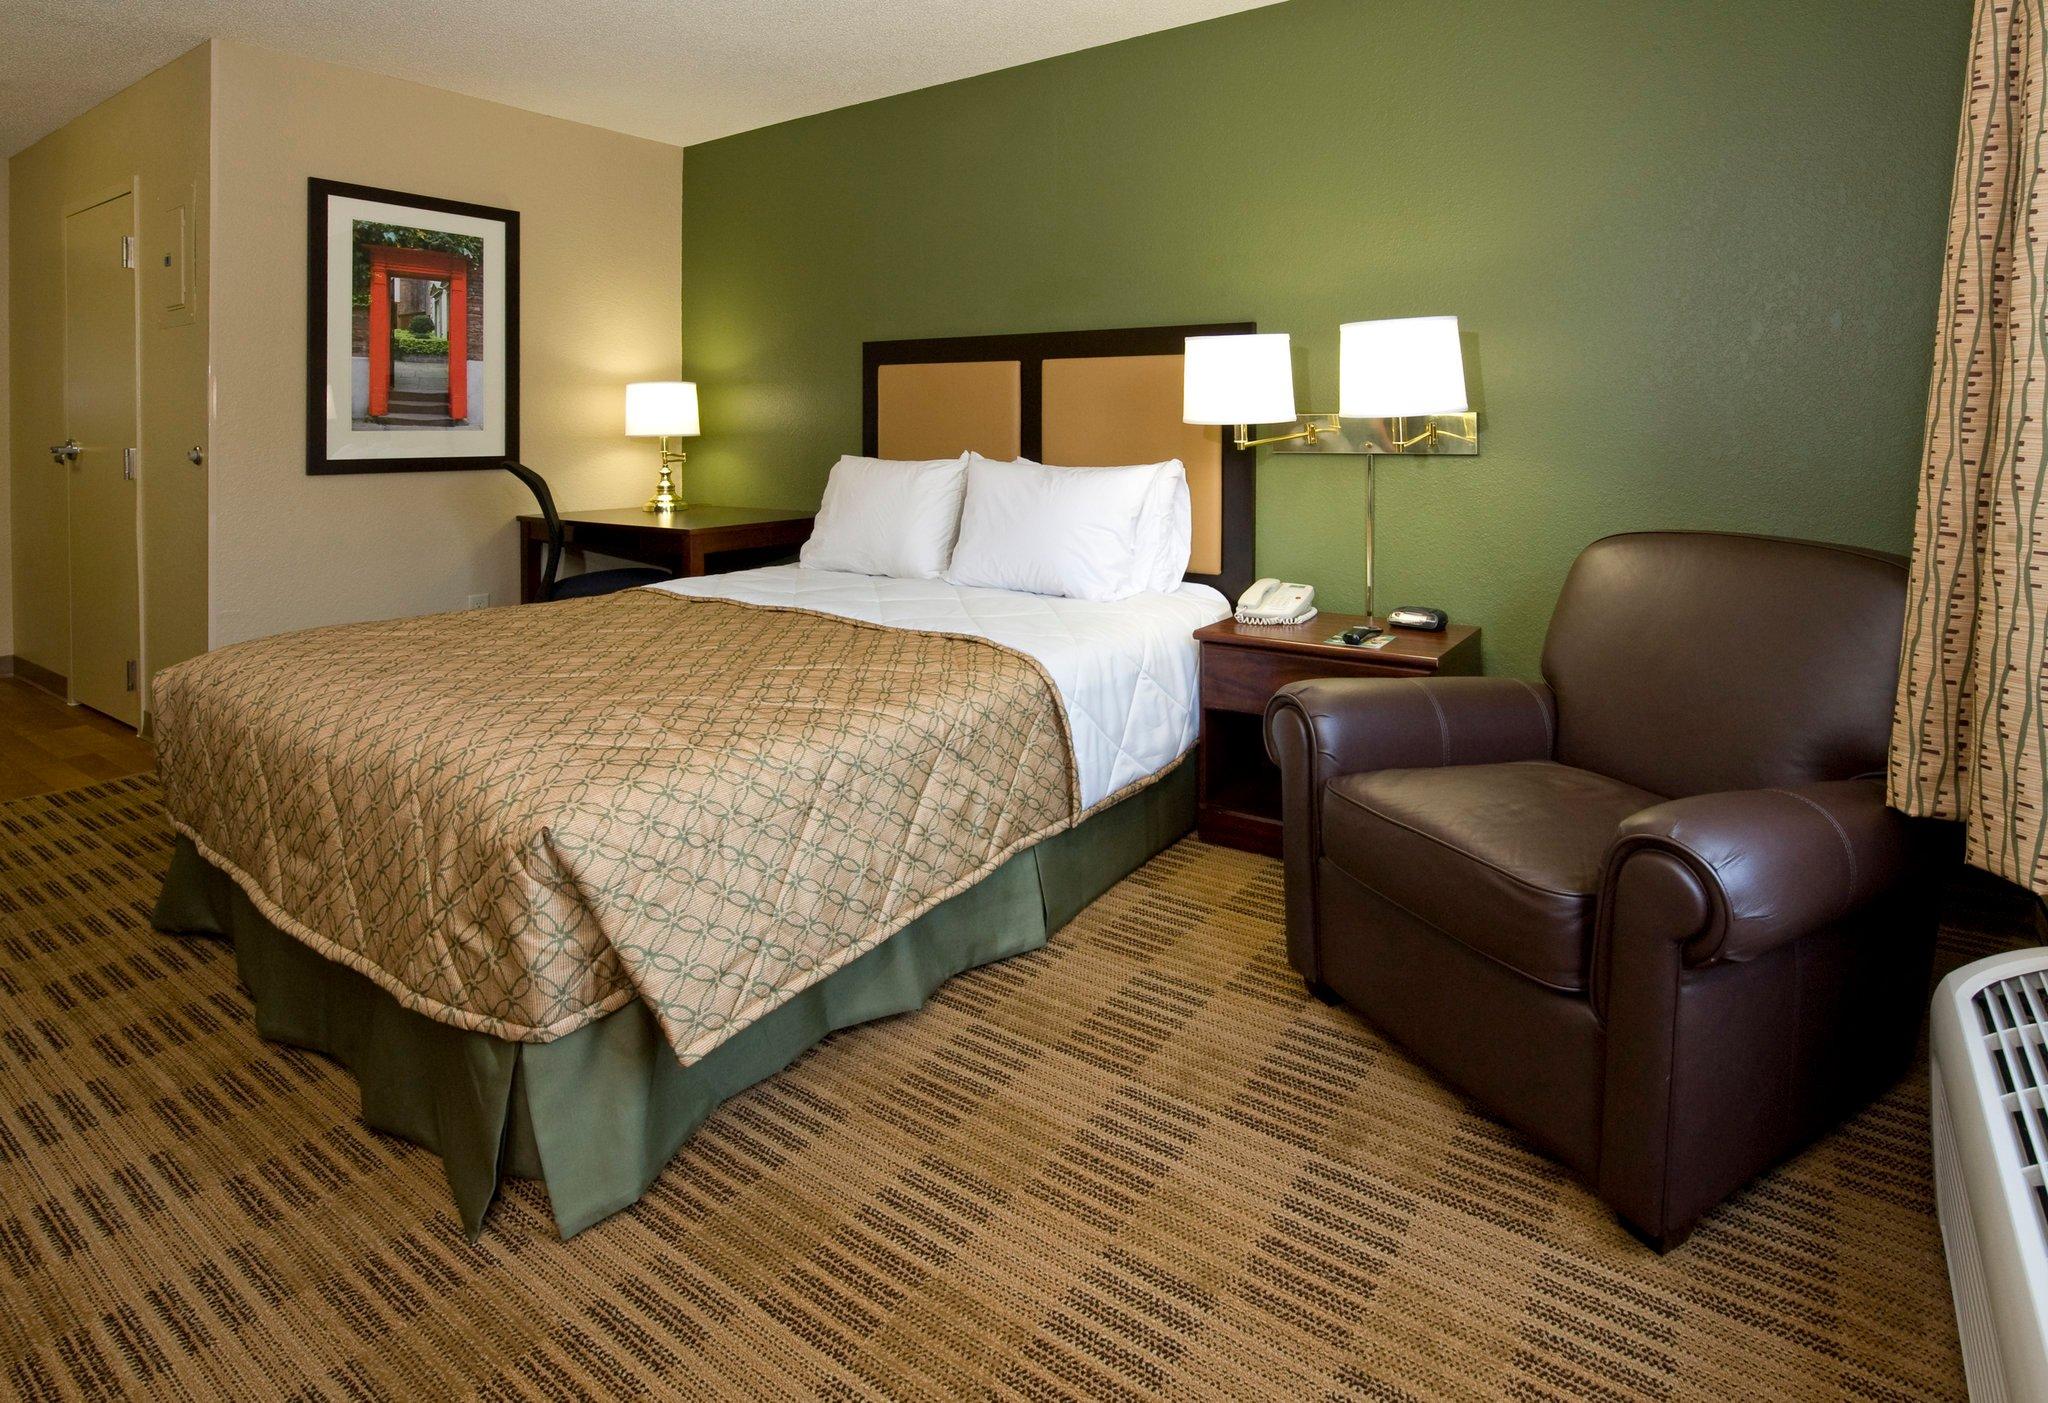 華盛頓特區費爾法克斯美國長住飯店